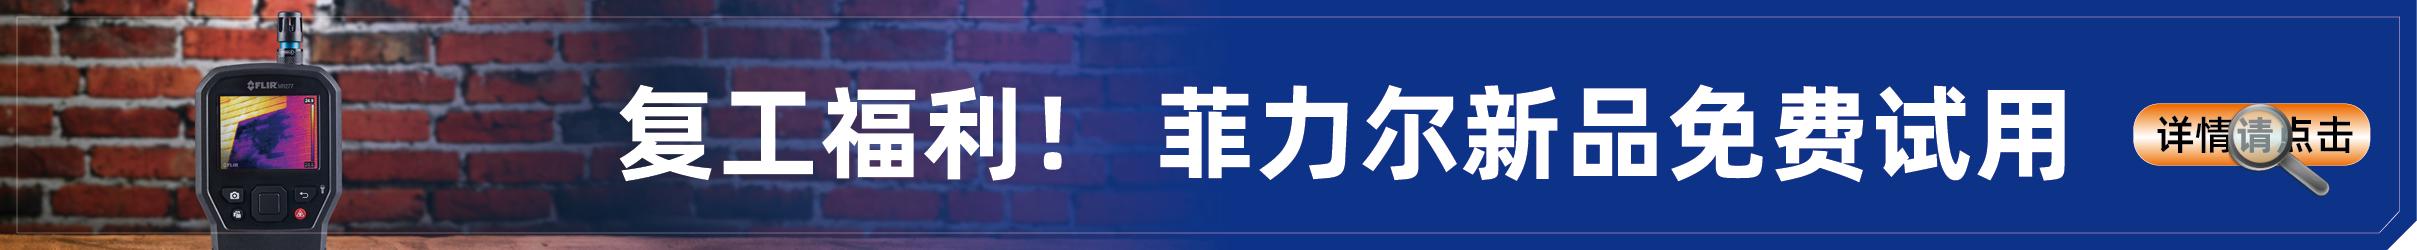 FLIR红外热像论坛